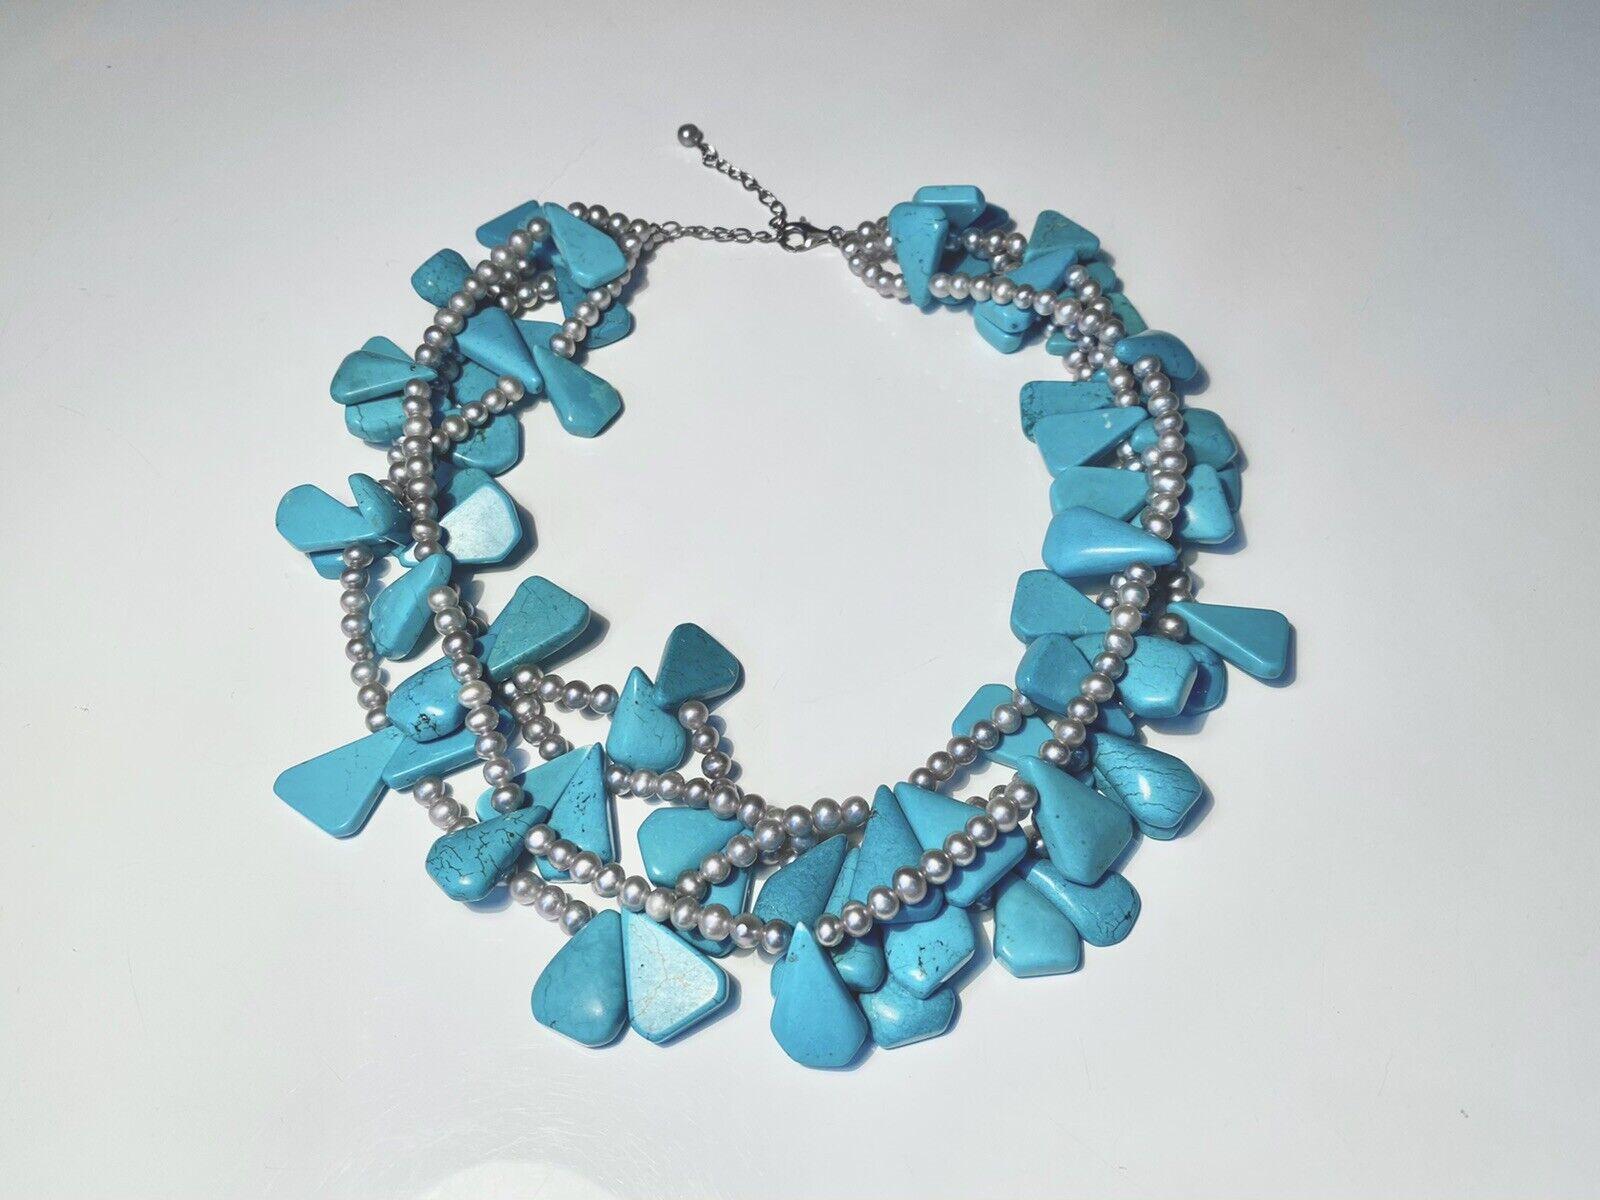 Diana Venezia Turquoise Necklace - image 2